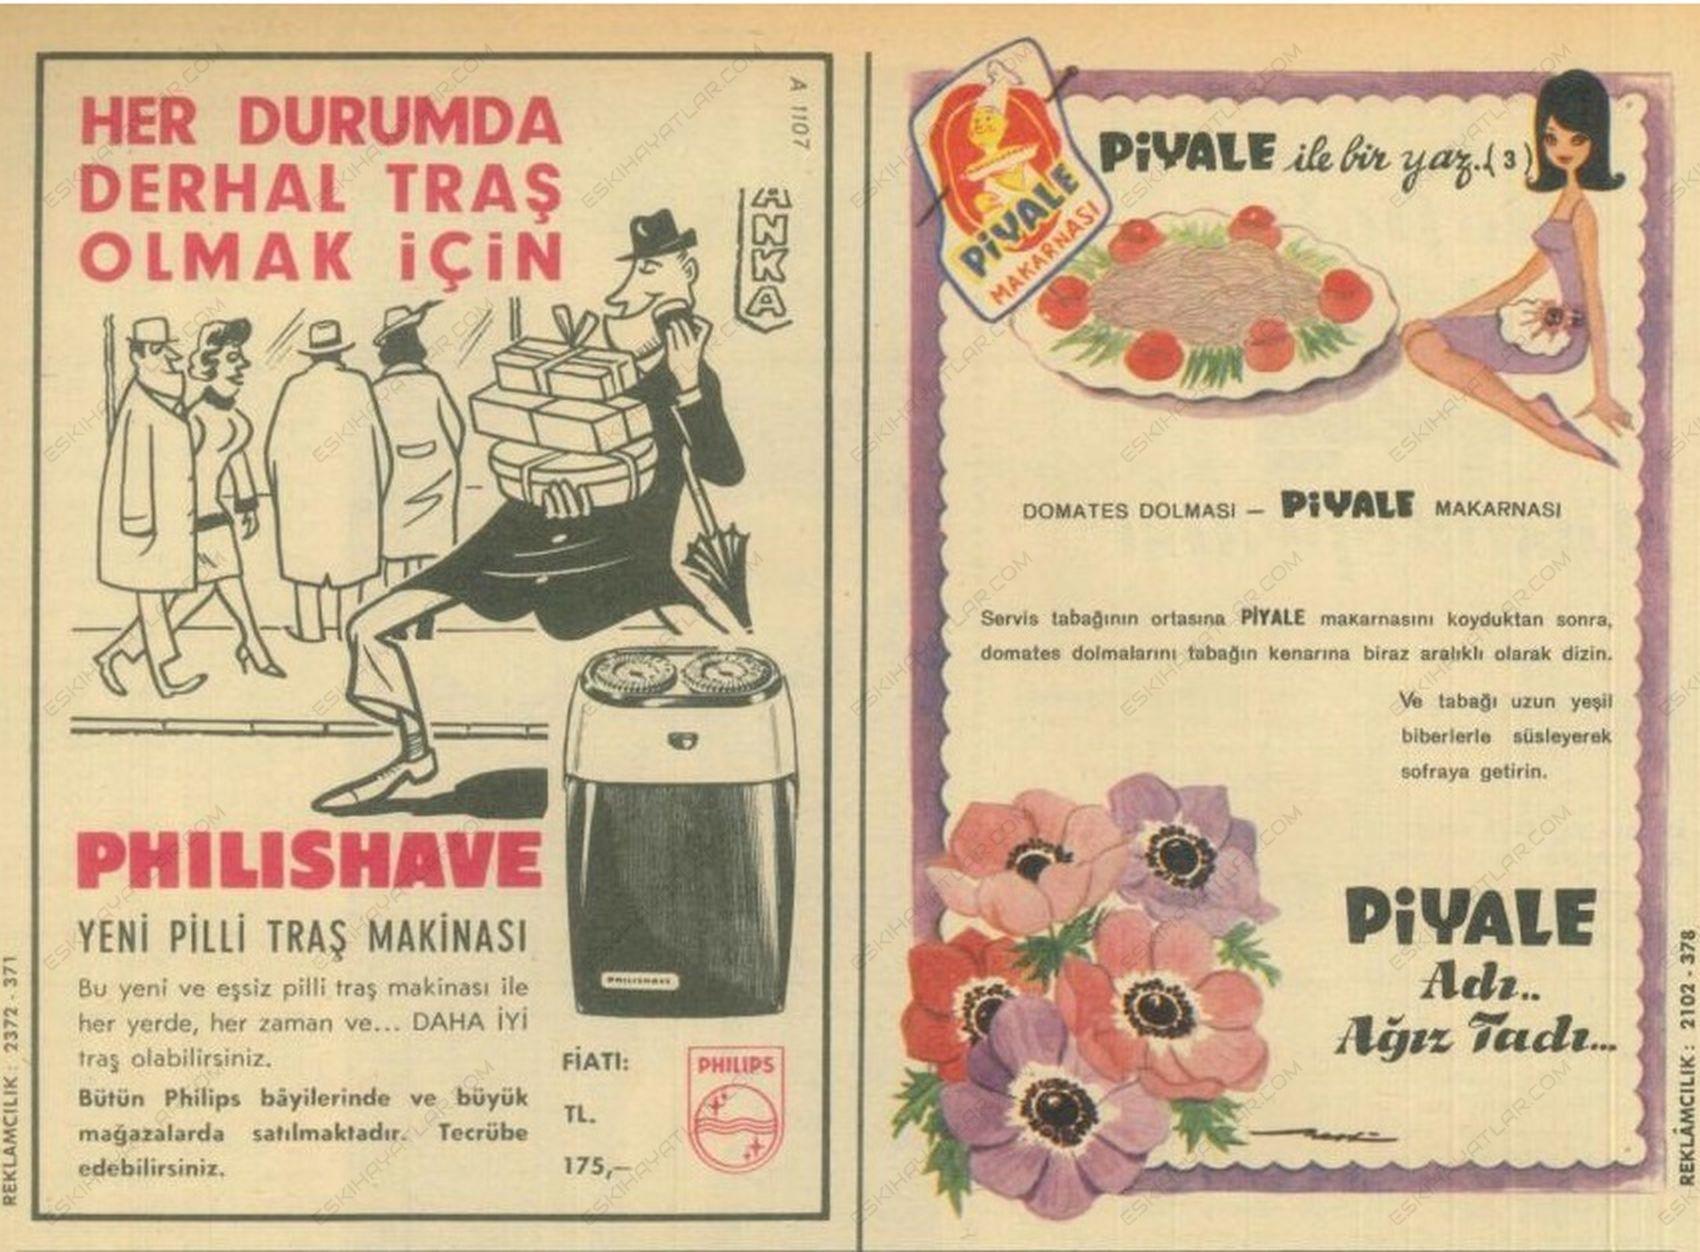 0424-philishave-pilli-tras-makinasi-1965-yili-reklamlari-piyale-adi-agiz-tadi-piyale-makarna-reklami